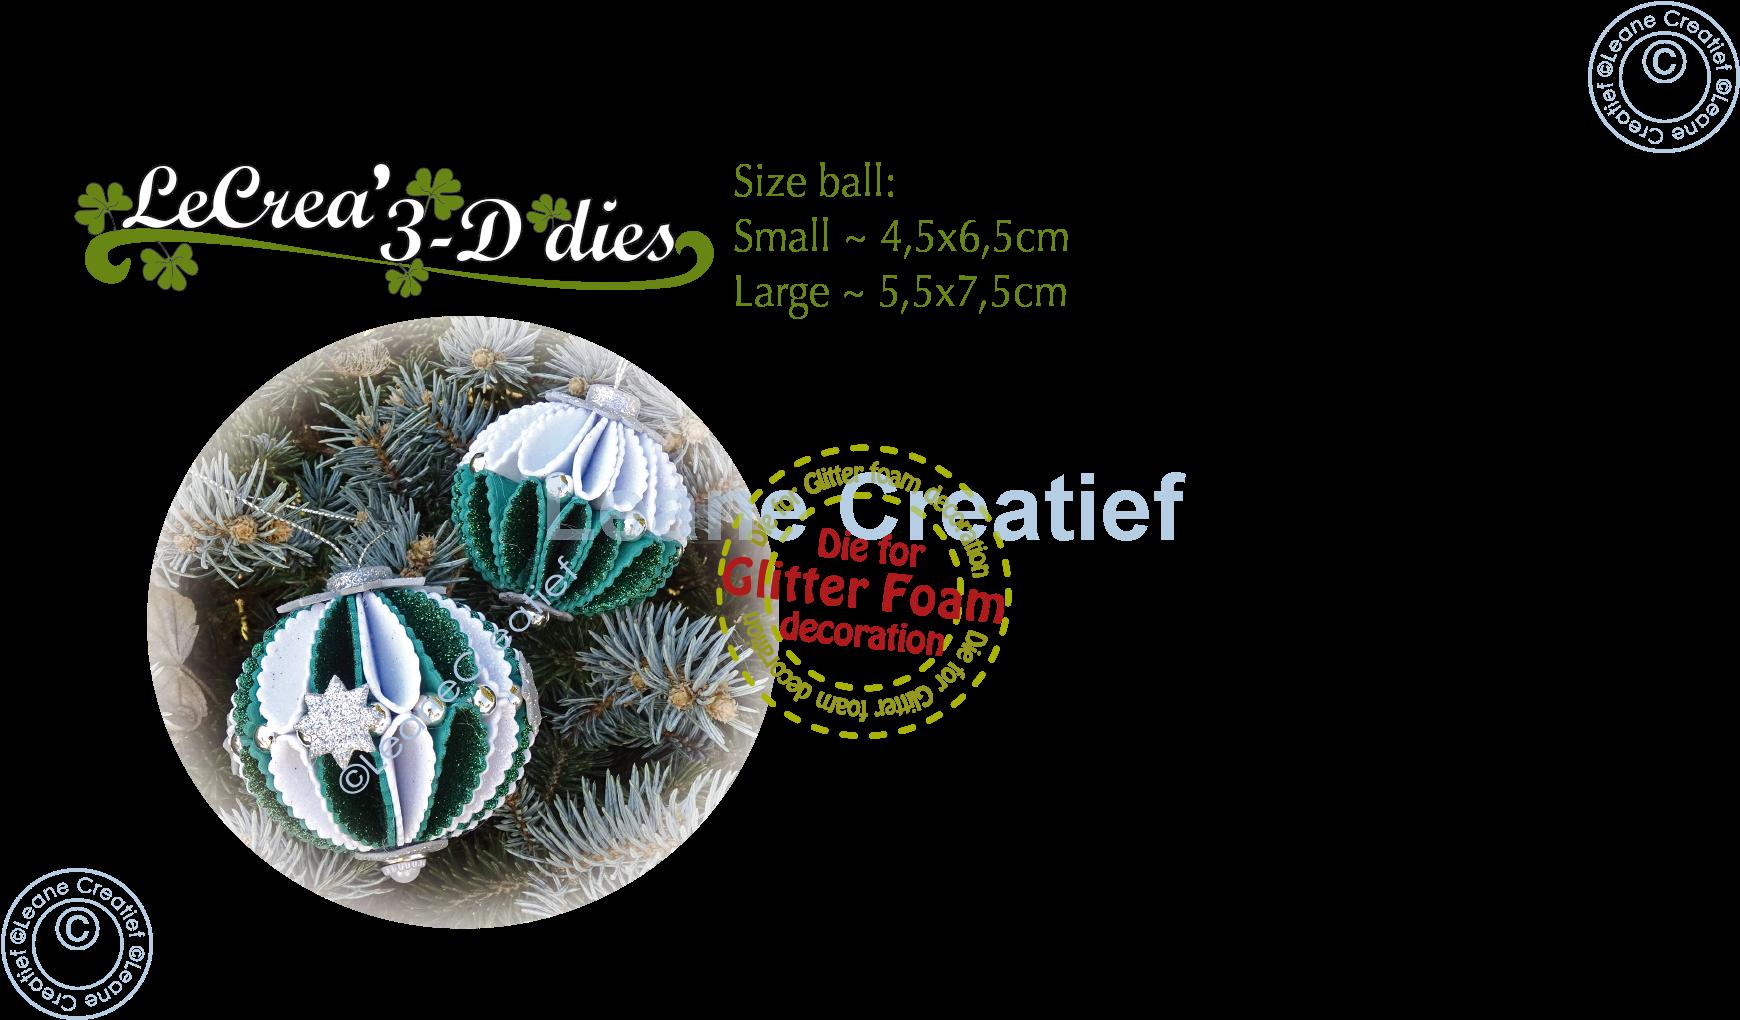 Leane Creatief Uitgeverij Bv Lea Bilitie Glitter Foam Decoration Ornament Ball Wave Cutting Die